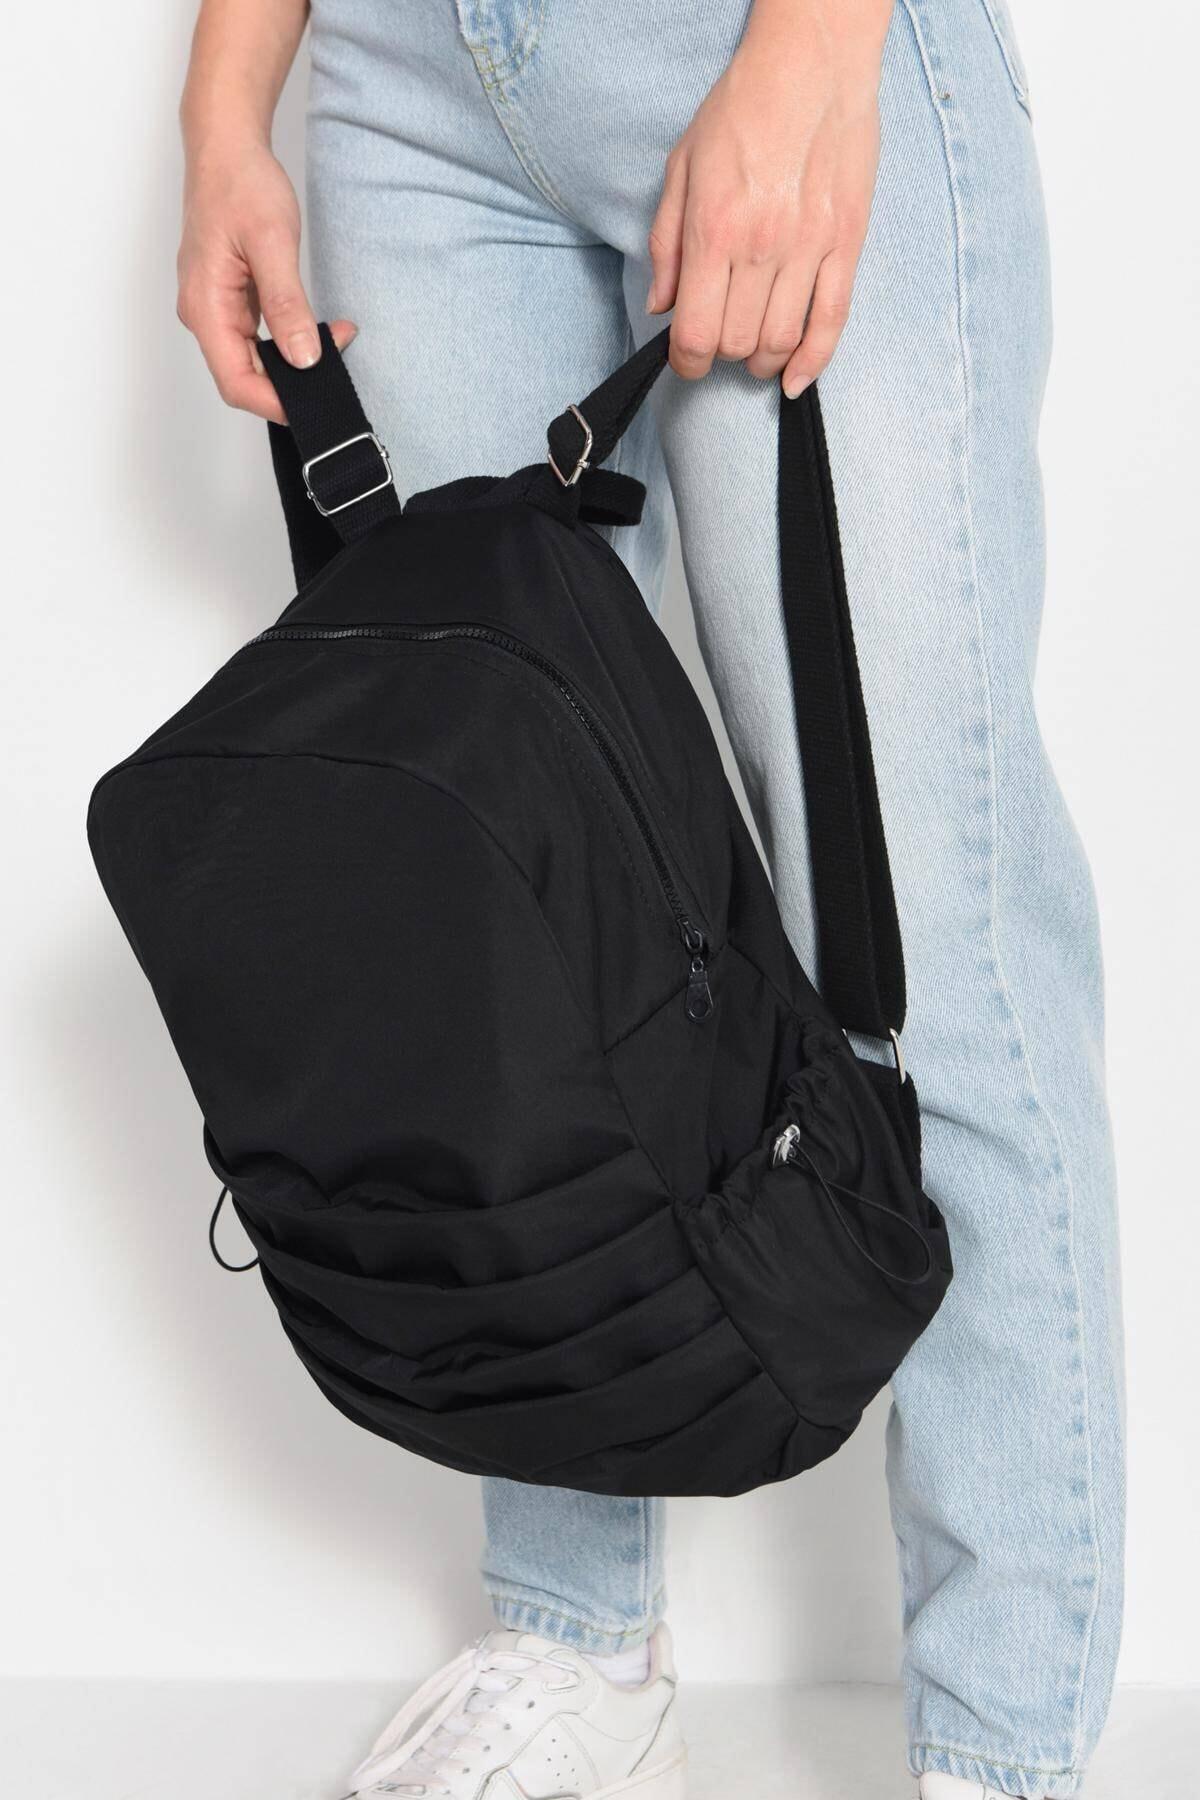 Addax Kadın Siyah Büzgü Detaylı Çanta Ç10928 -F7 ADX-0000023076 1